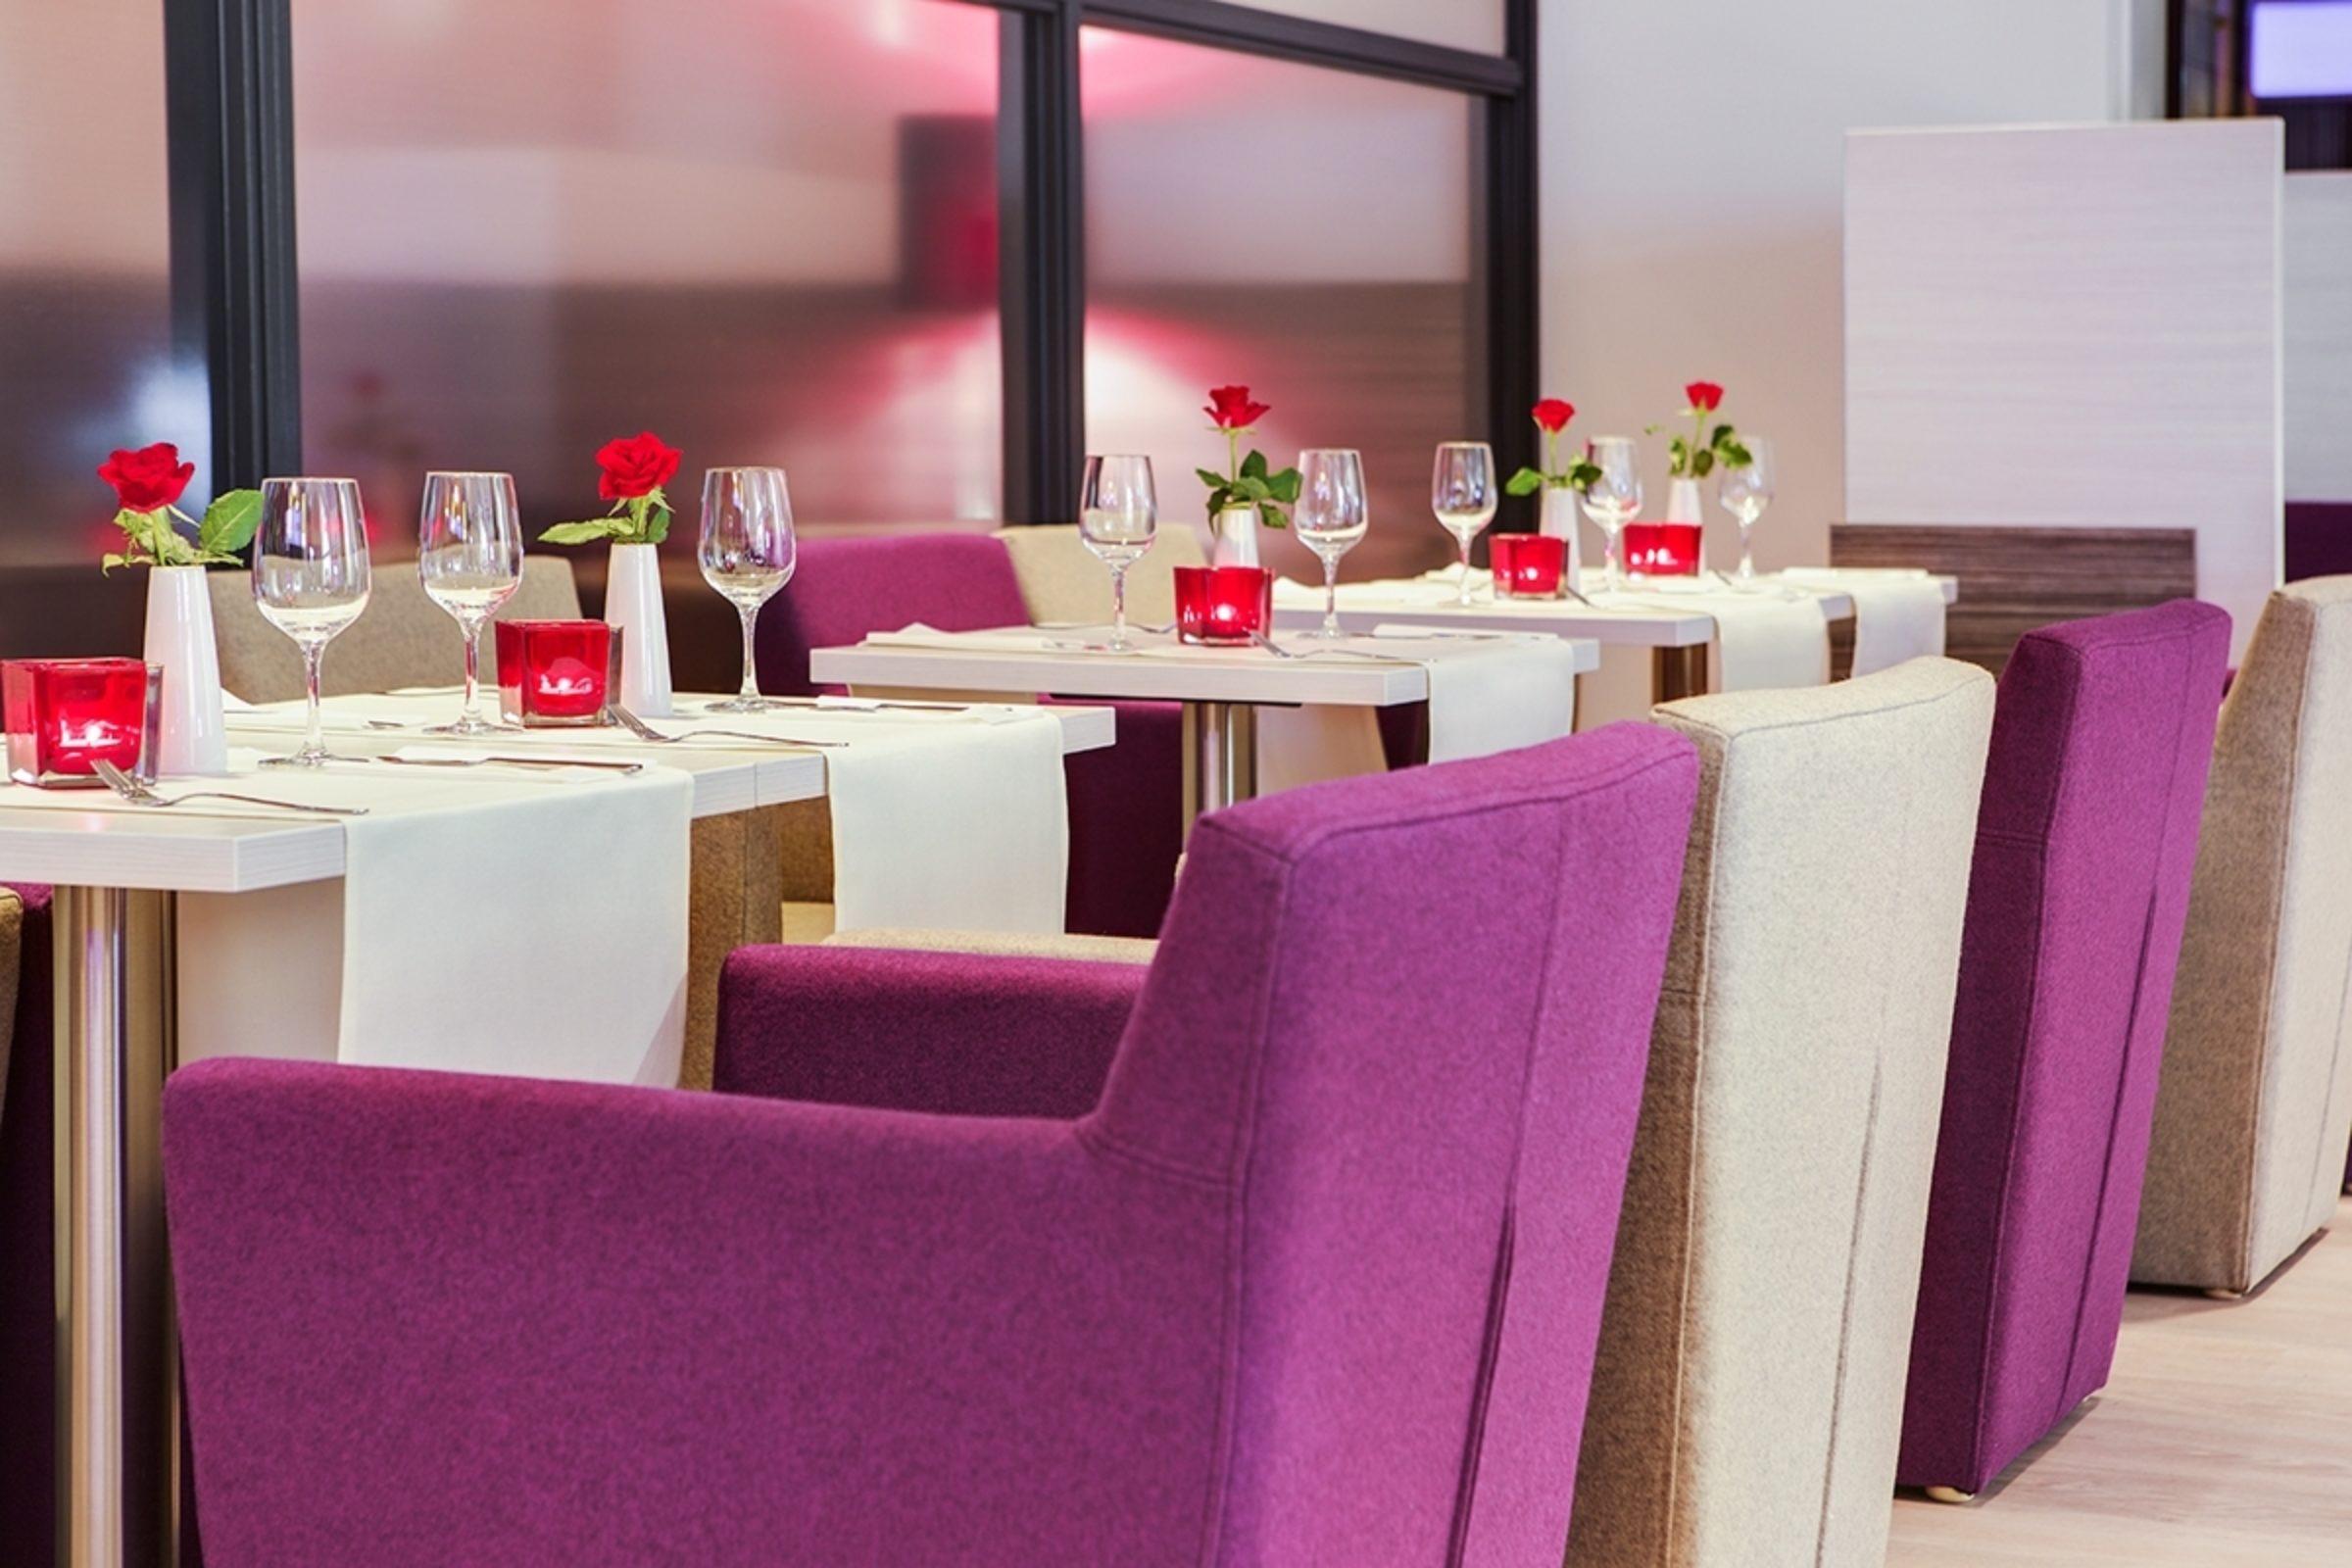 481  Ich  Nl  Enschede  Lounge  Essen 9777